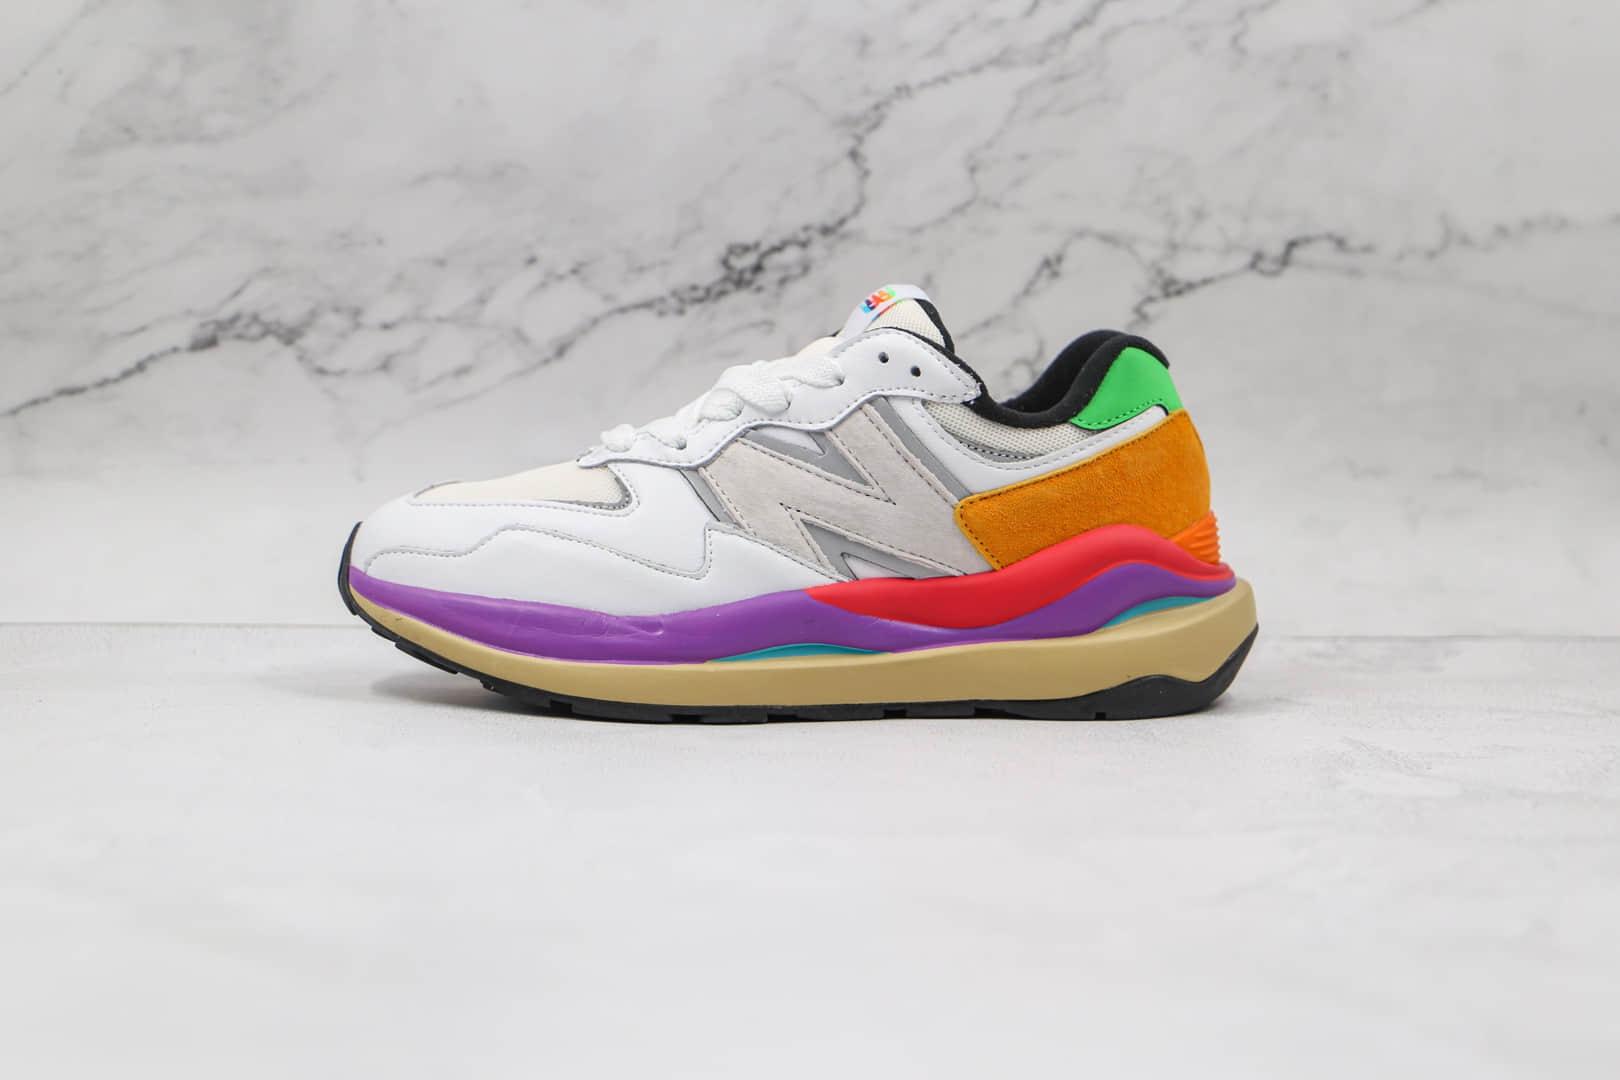 纯原版本新百伦NB5740白彩虹彩色拼接慢跑鞋出货